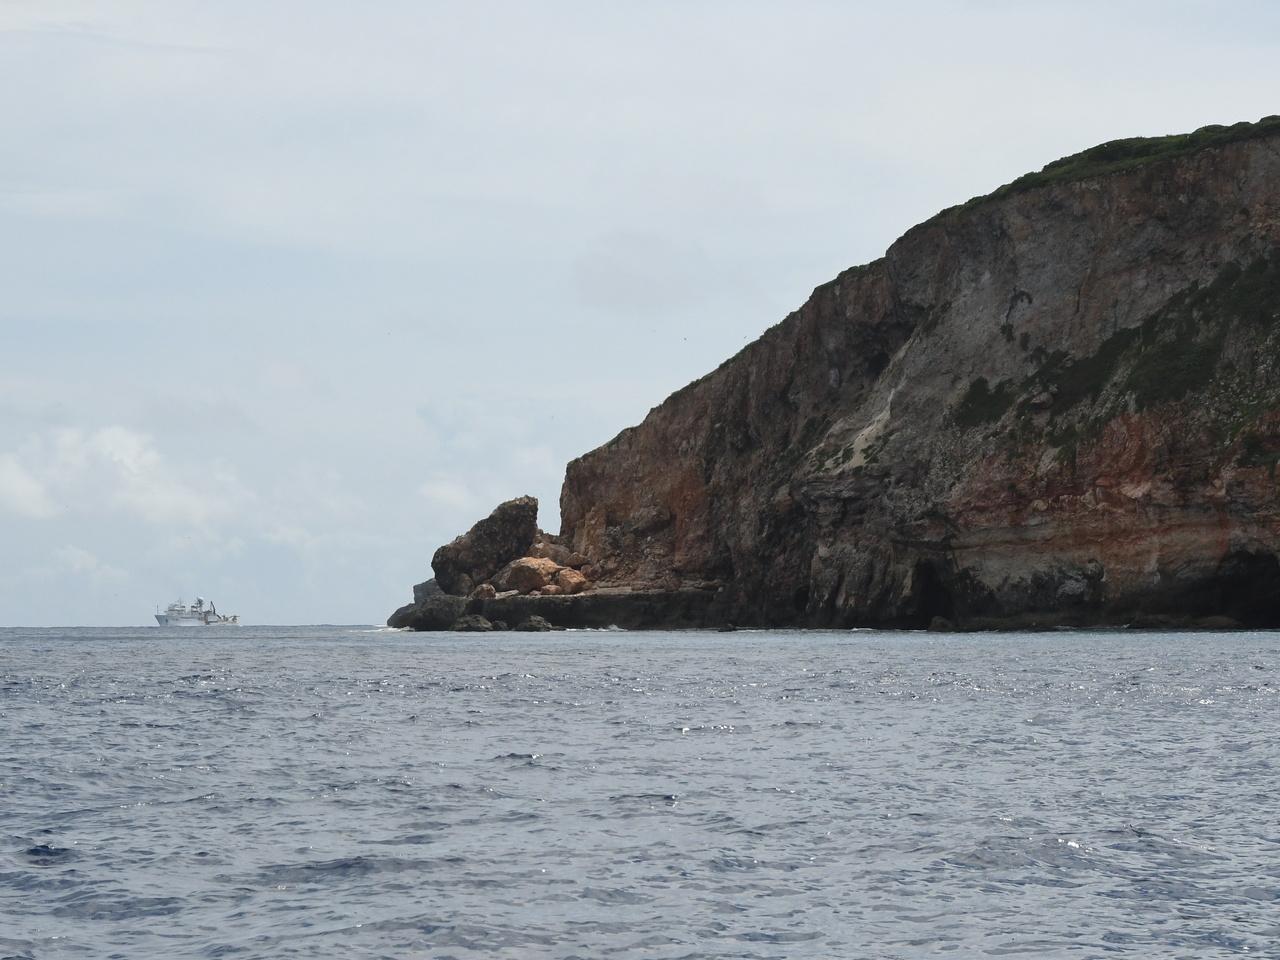 NOAA ship Oscar Elton Sette seen offshore of Farallon de Medinilla (FDM).